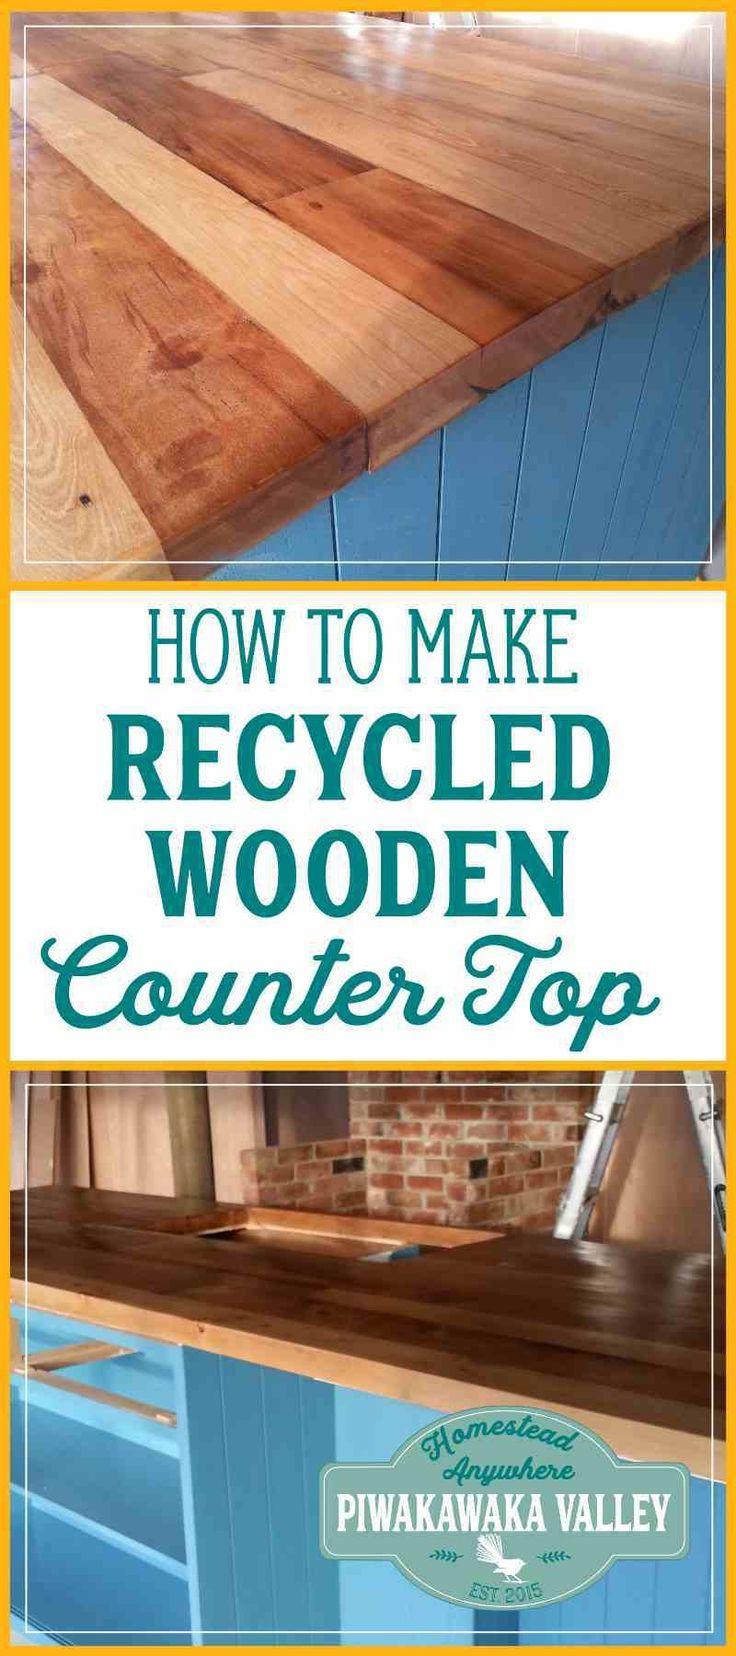 Diy recycled wooden countertop diy countertops wooden